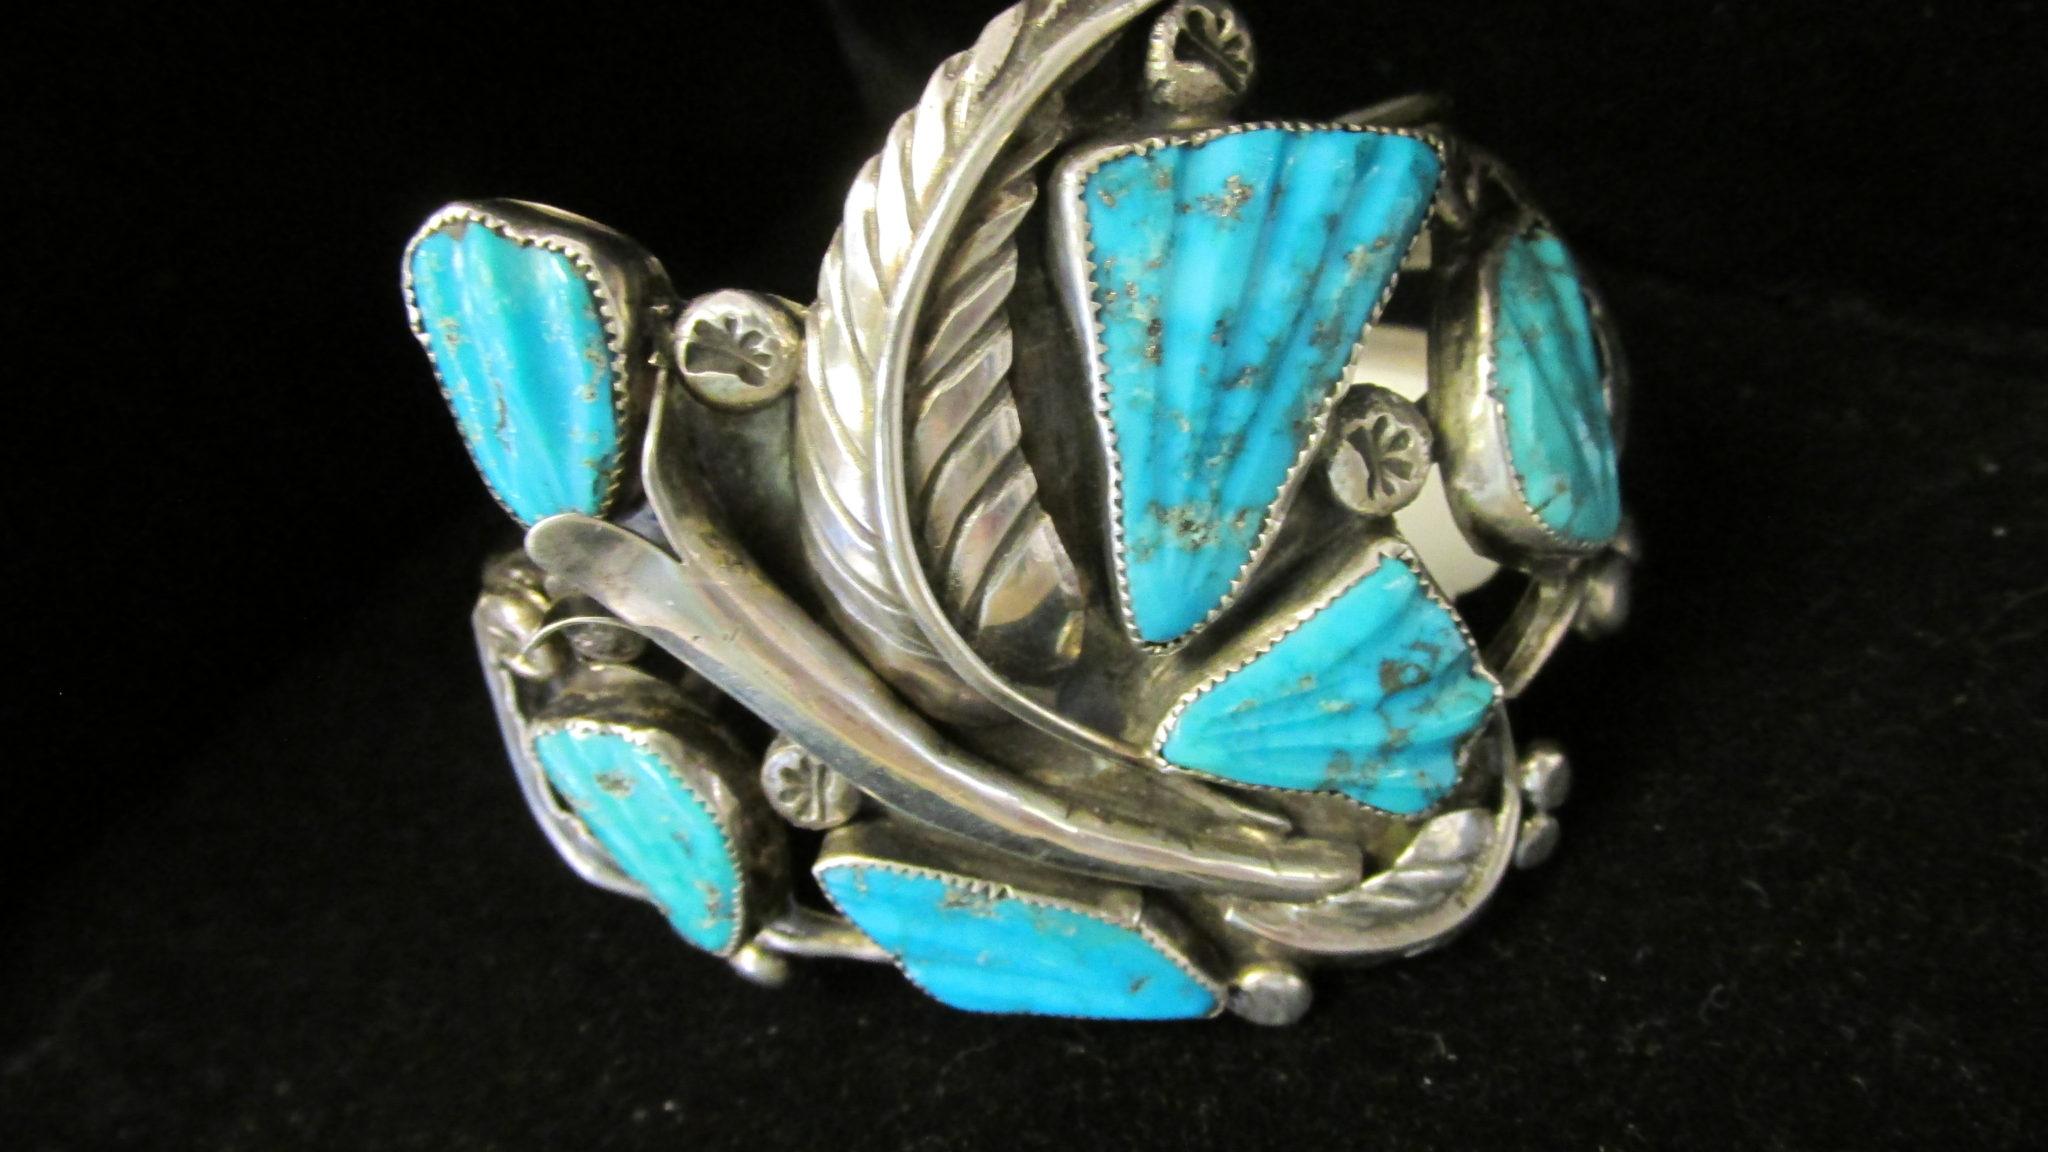 1970 vintage carved Morenci Turquoise bracelet.